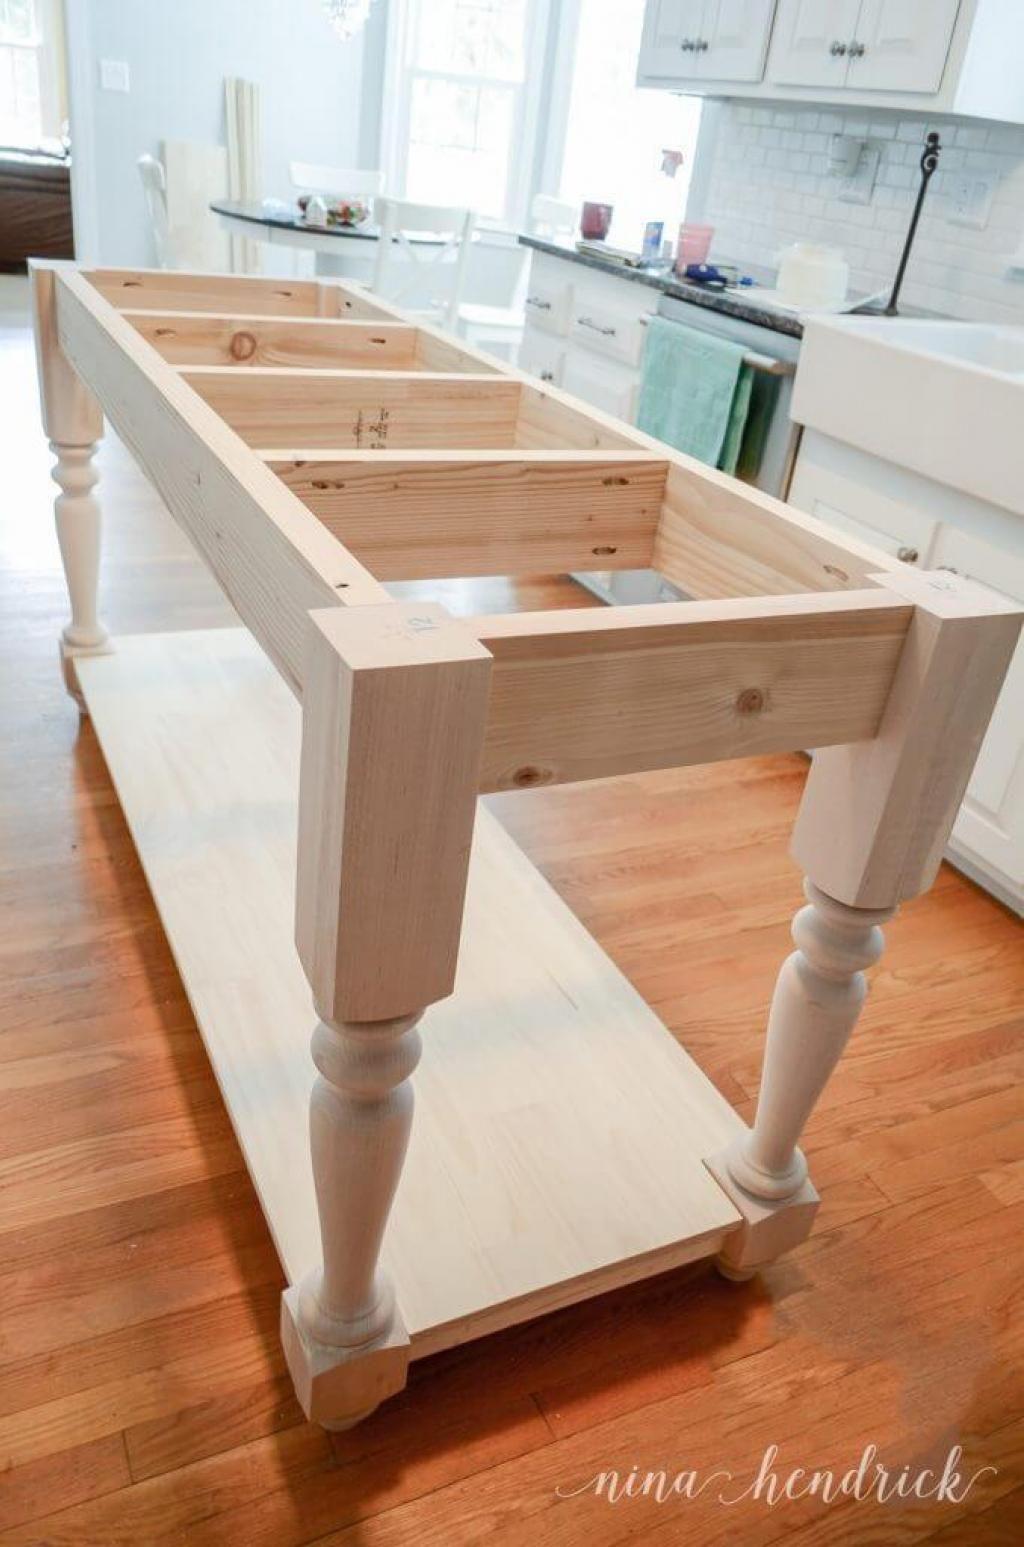 Meuble Pour Ilot Cuisine 20 façons de récupérer des meubles pour créer un îlot de